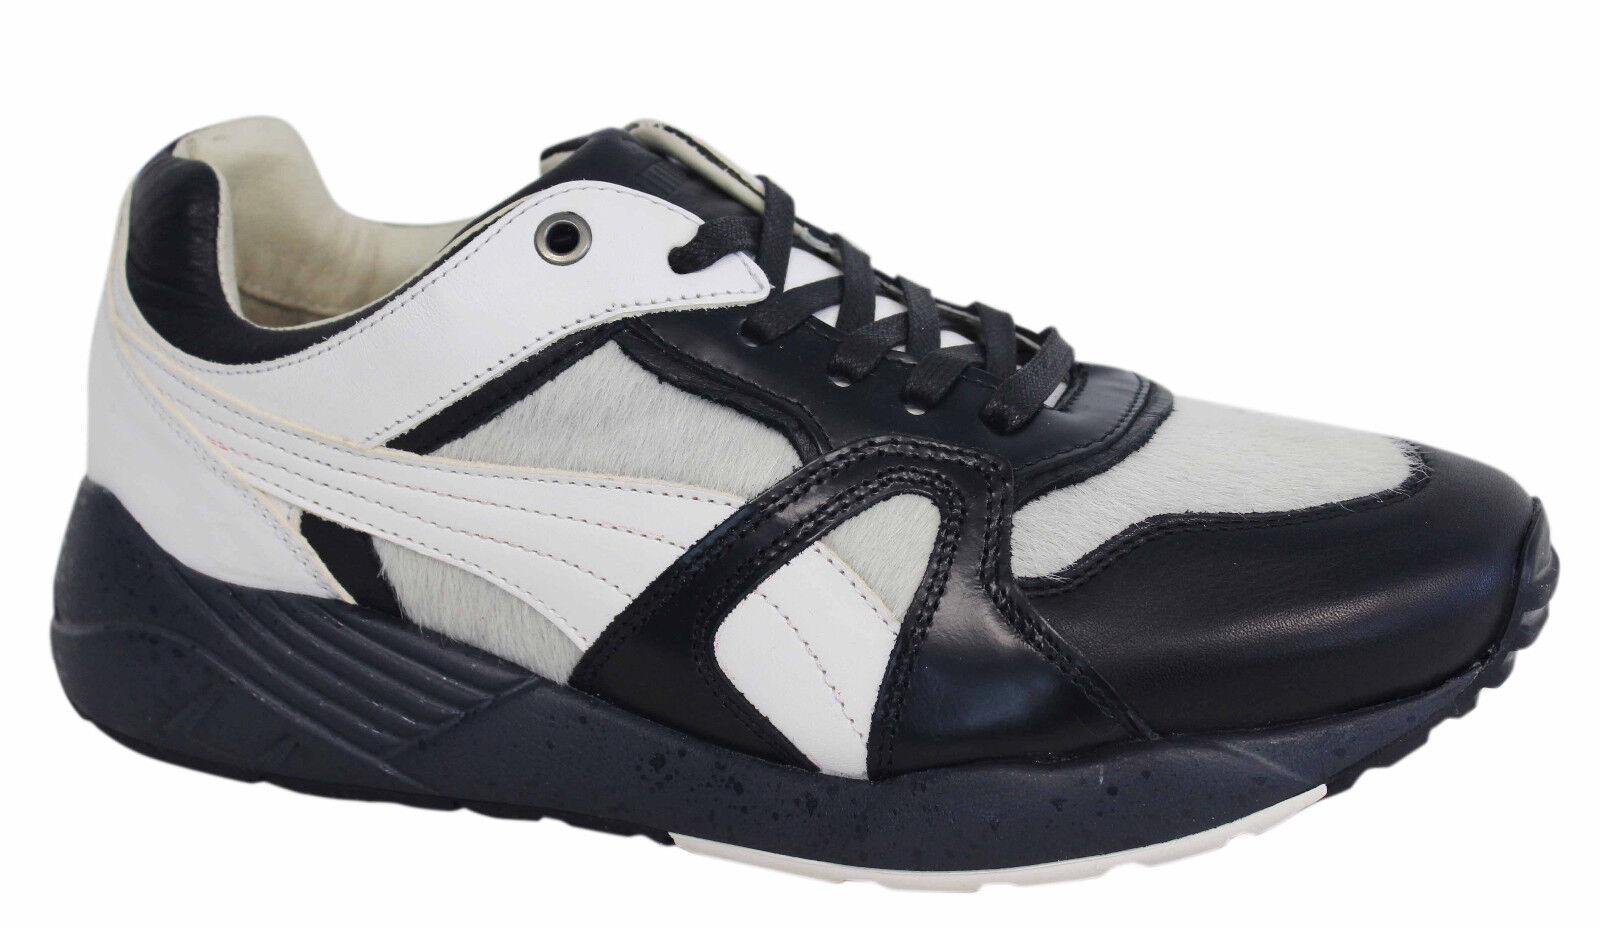 Puma Trinomic XS500 X miitaly para Hombre blancoas Negras Con Cordones Entrenadores 357262 01 P3E